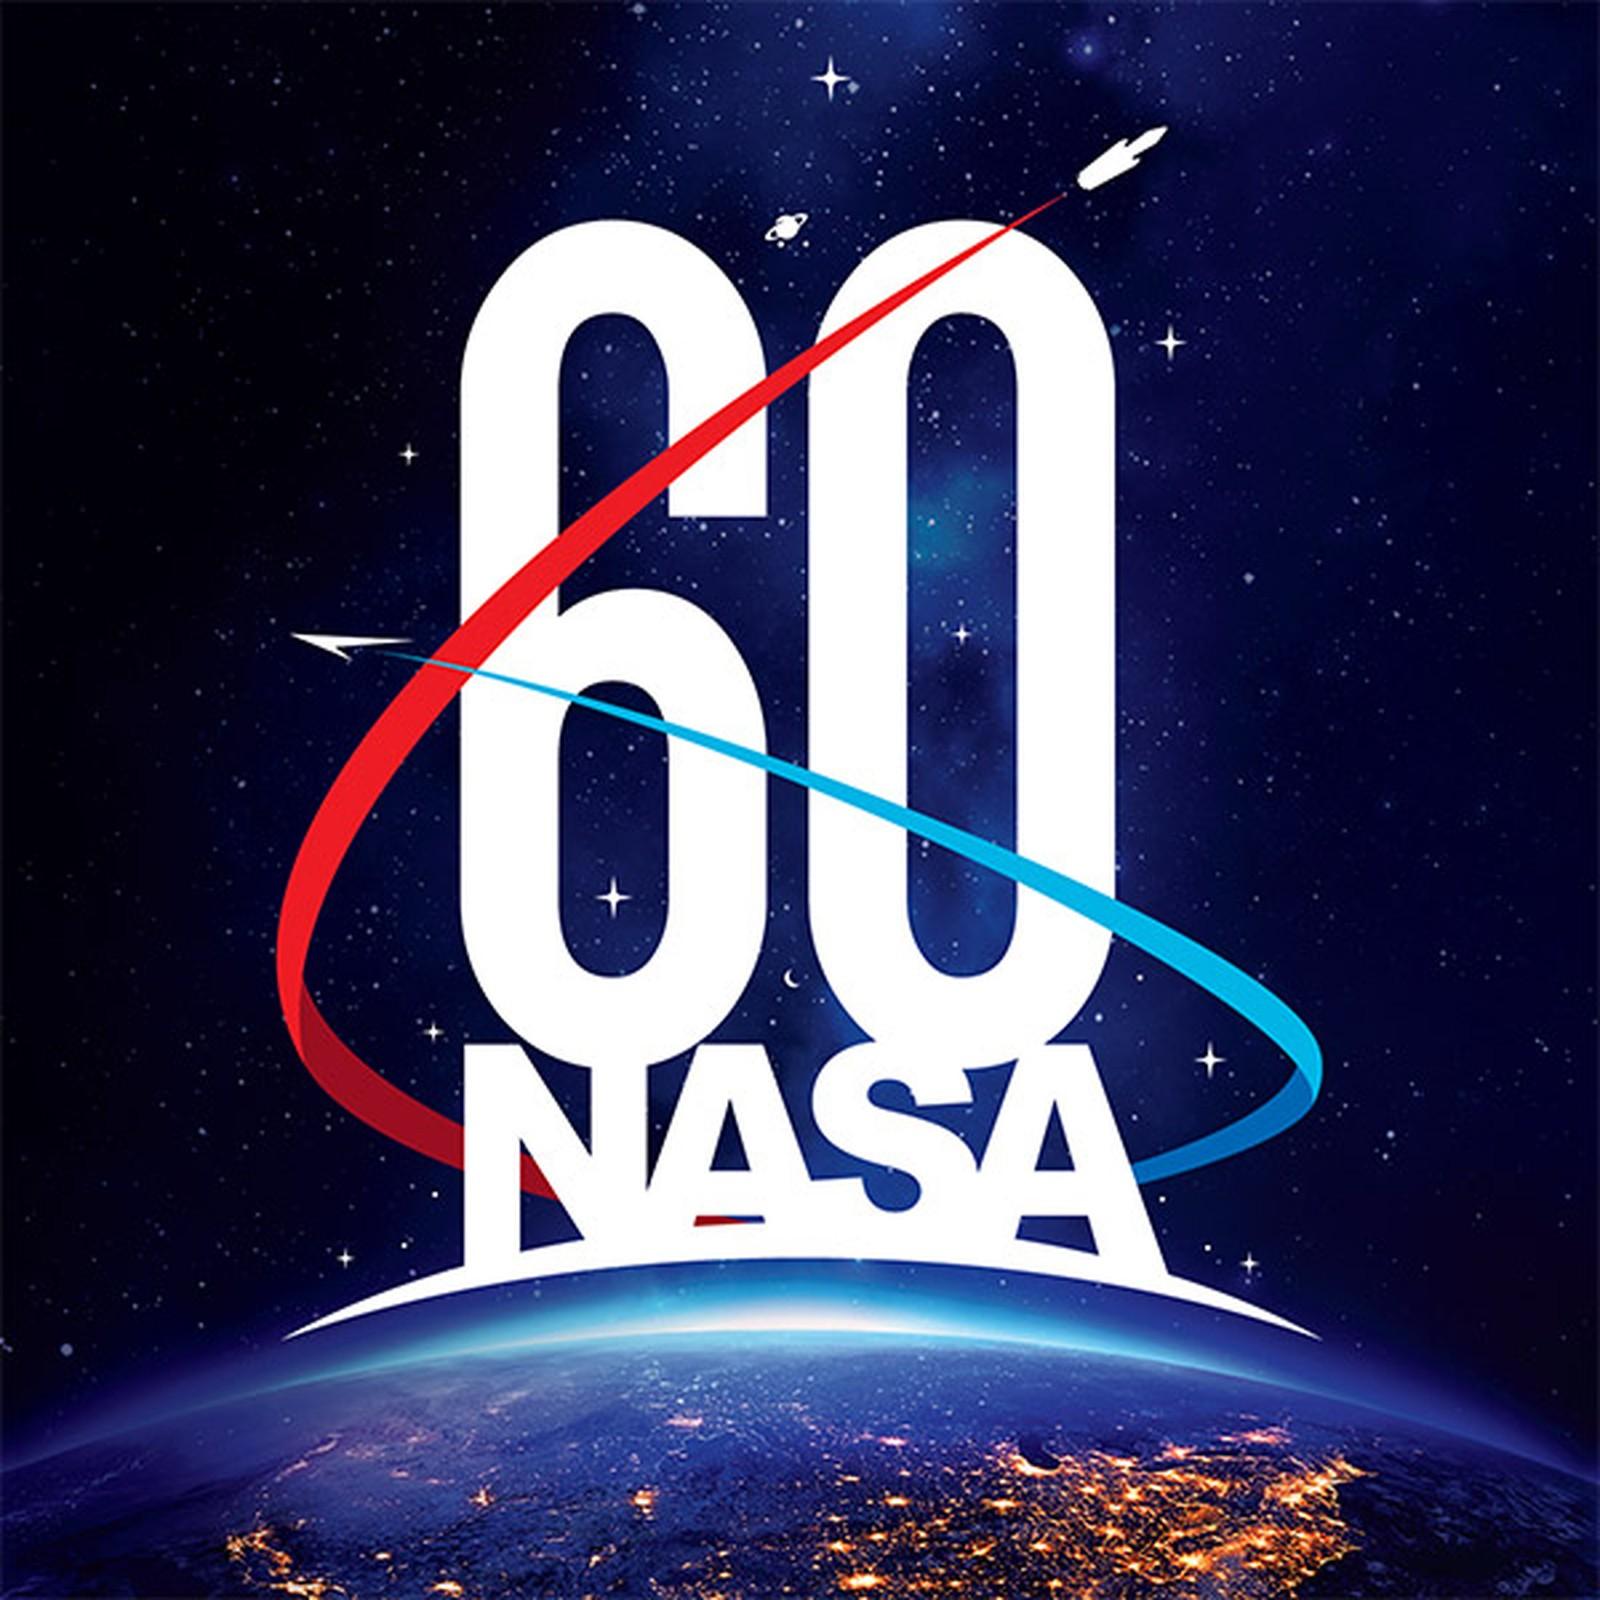 agência espacial americana